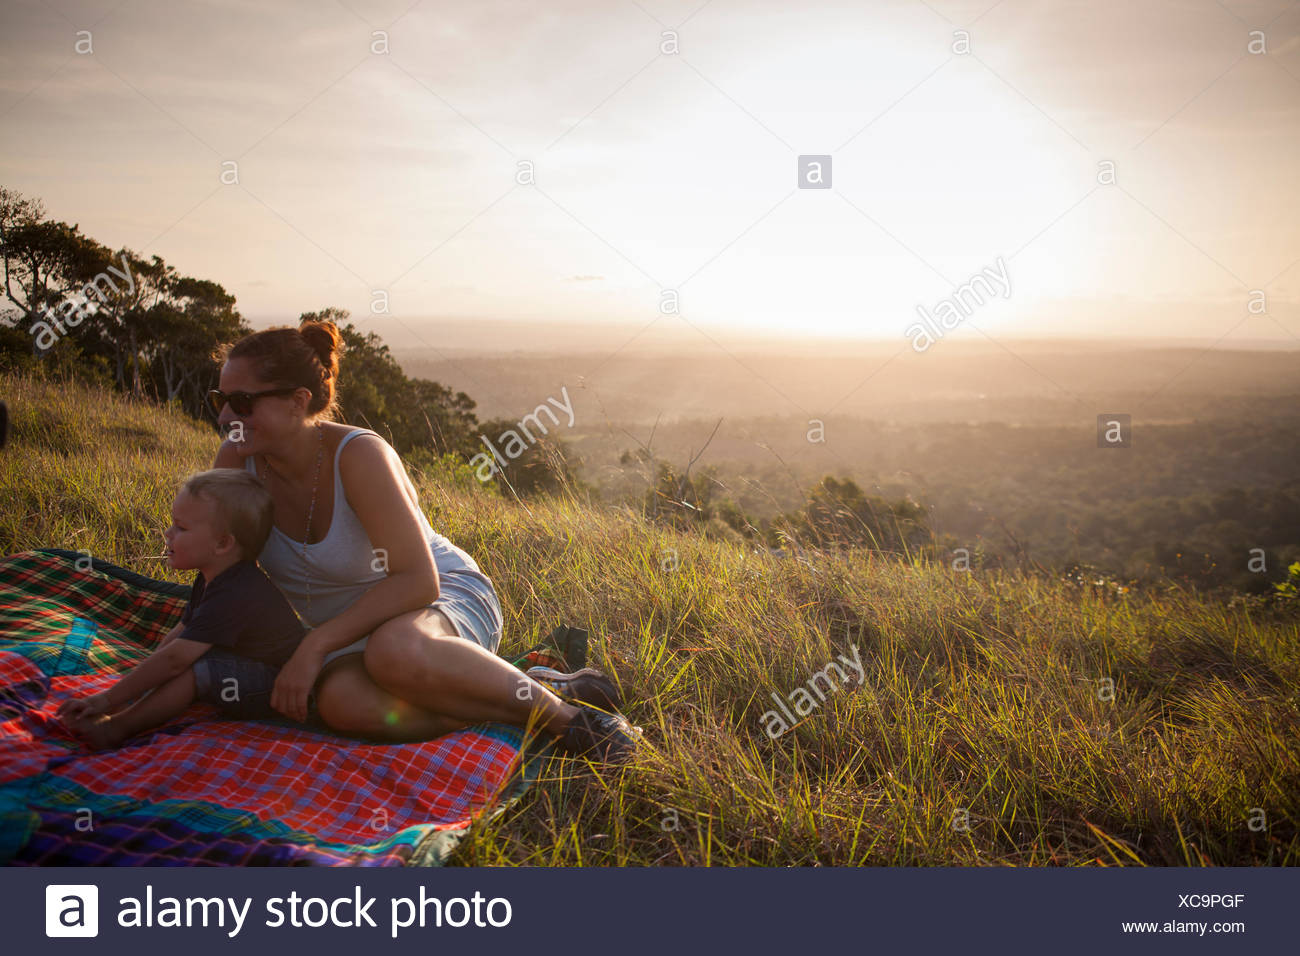 La mère et le fils assis dans un champ au Kenya Photo Stock